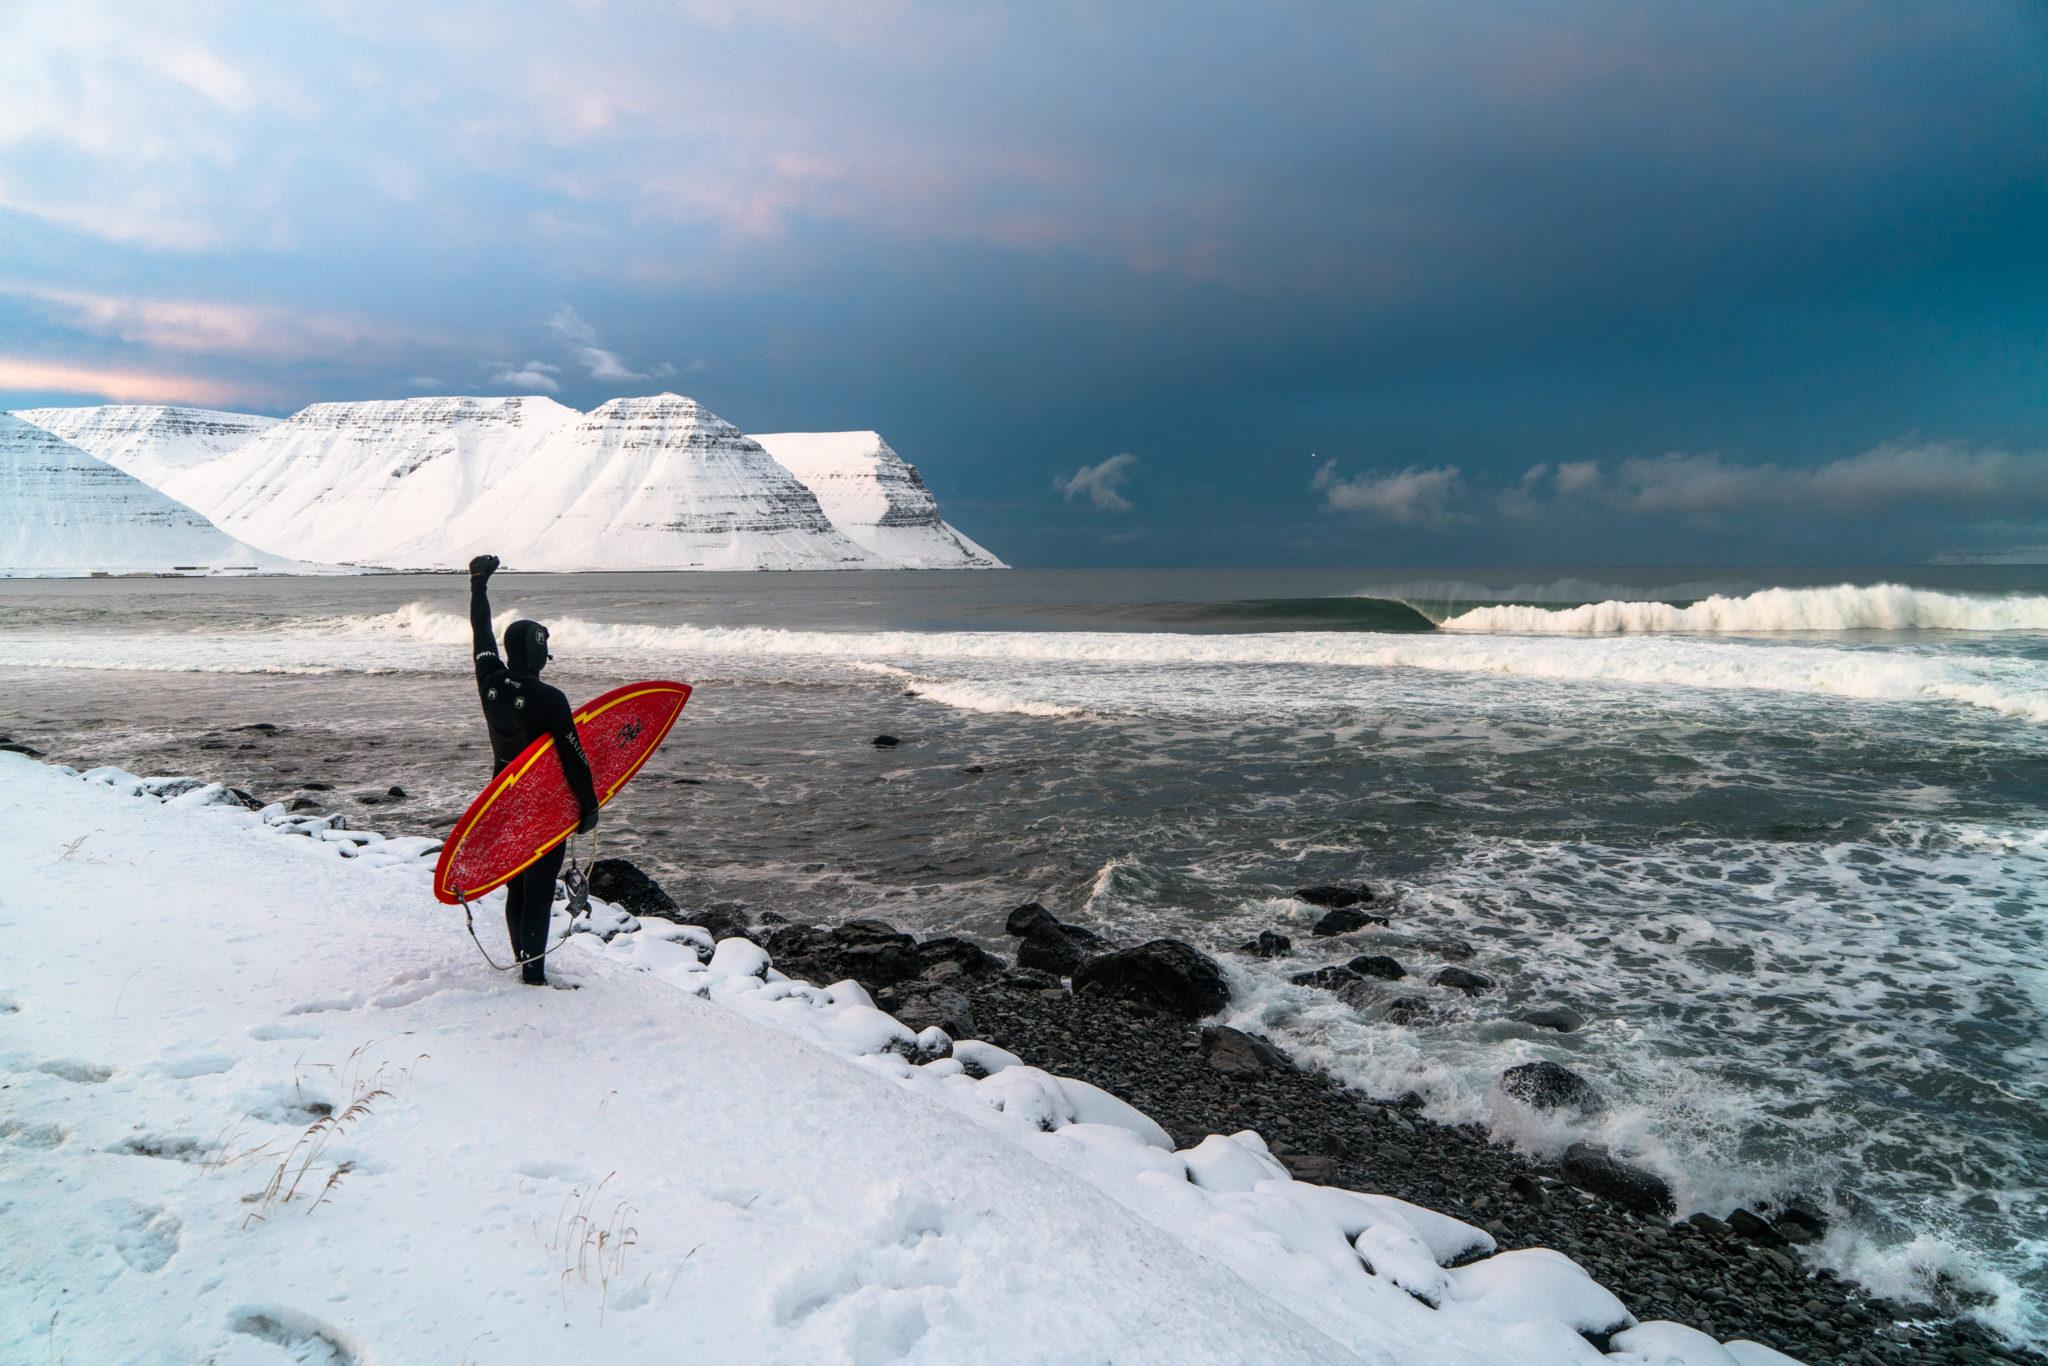 Chris-Burkard-Interview-Surfing-Iceland